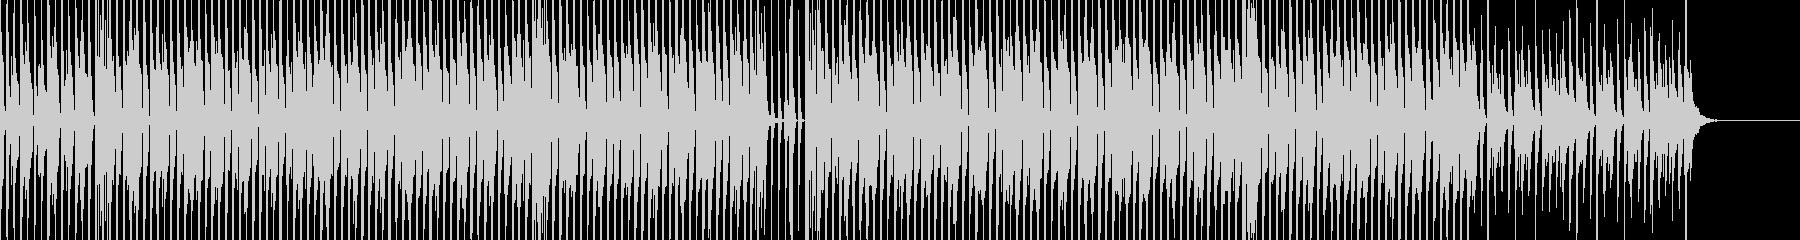 明るいポップBGMの未再生の波形